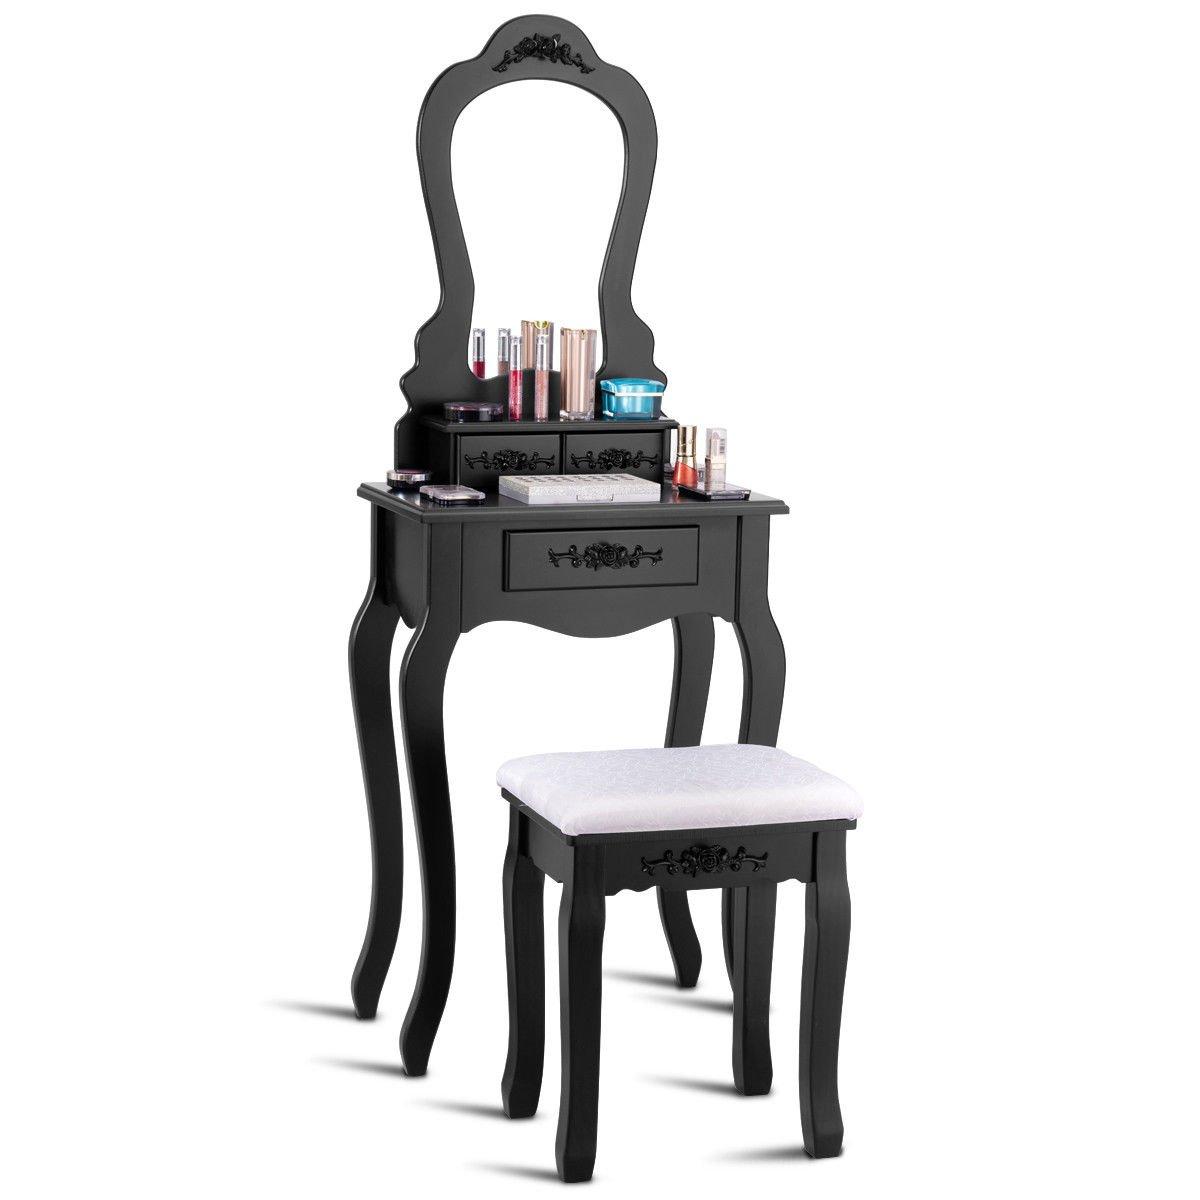 Giantex Vanity Wood Makeup Dressing Table Stool Set Bedroom with Mirror (Sector Mirror, 3 Drawers Black)